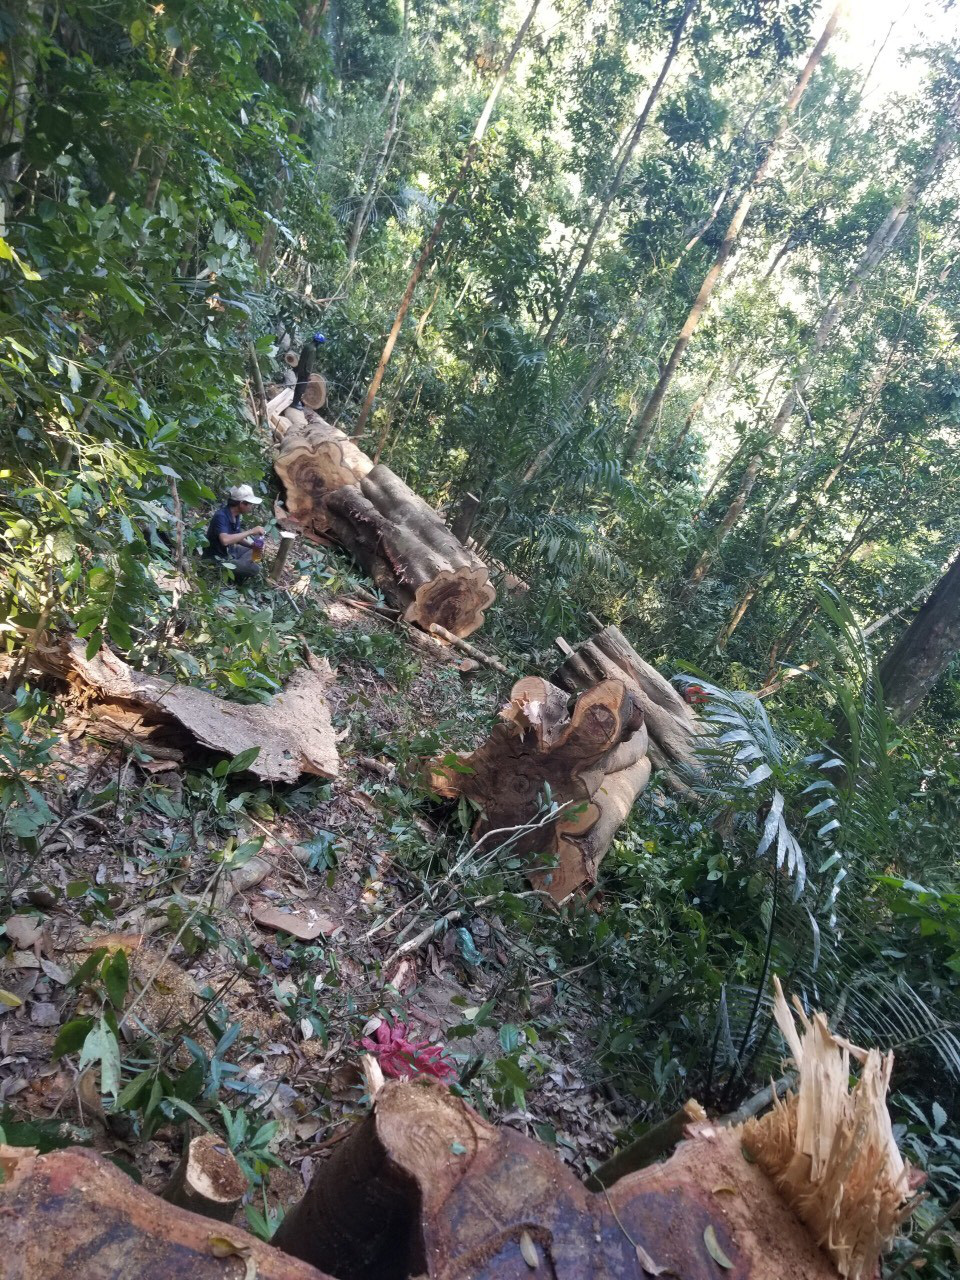 Lâm tặc đem cưa máy phá rừng Kông Chro - Ảnh 2.